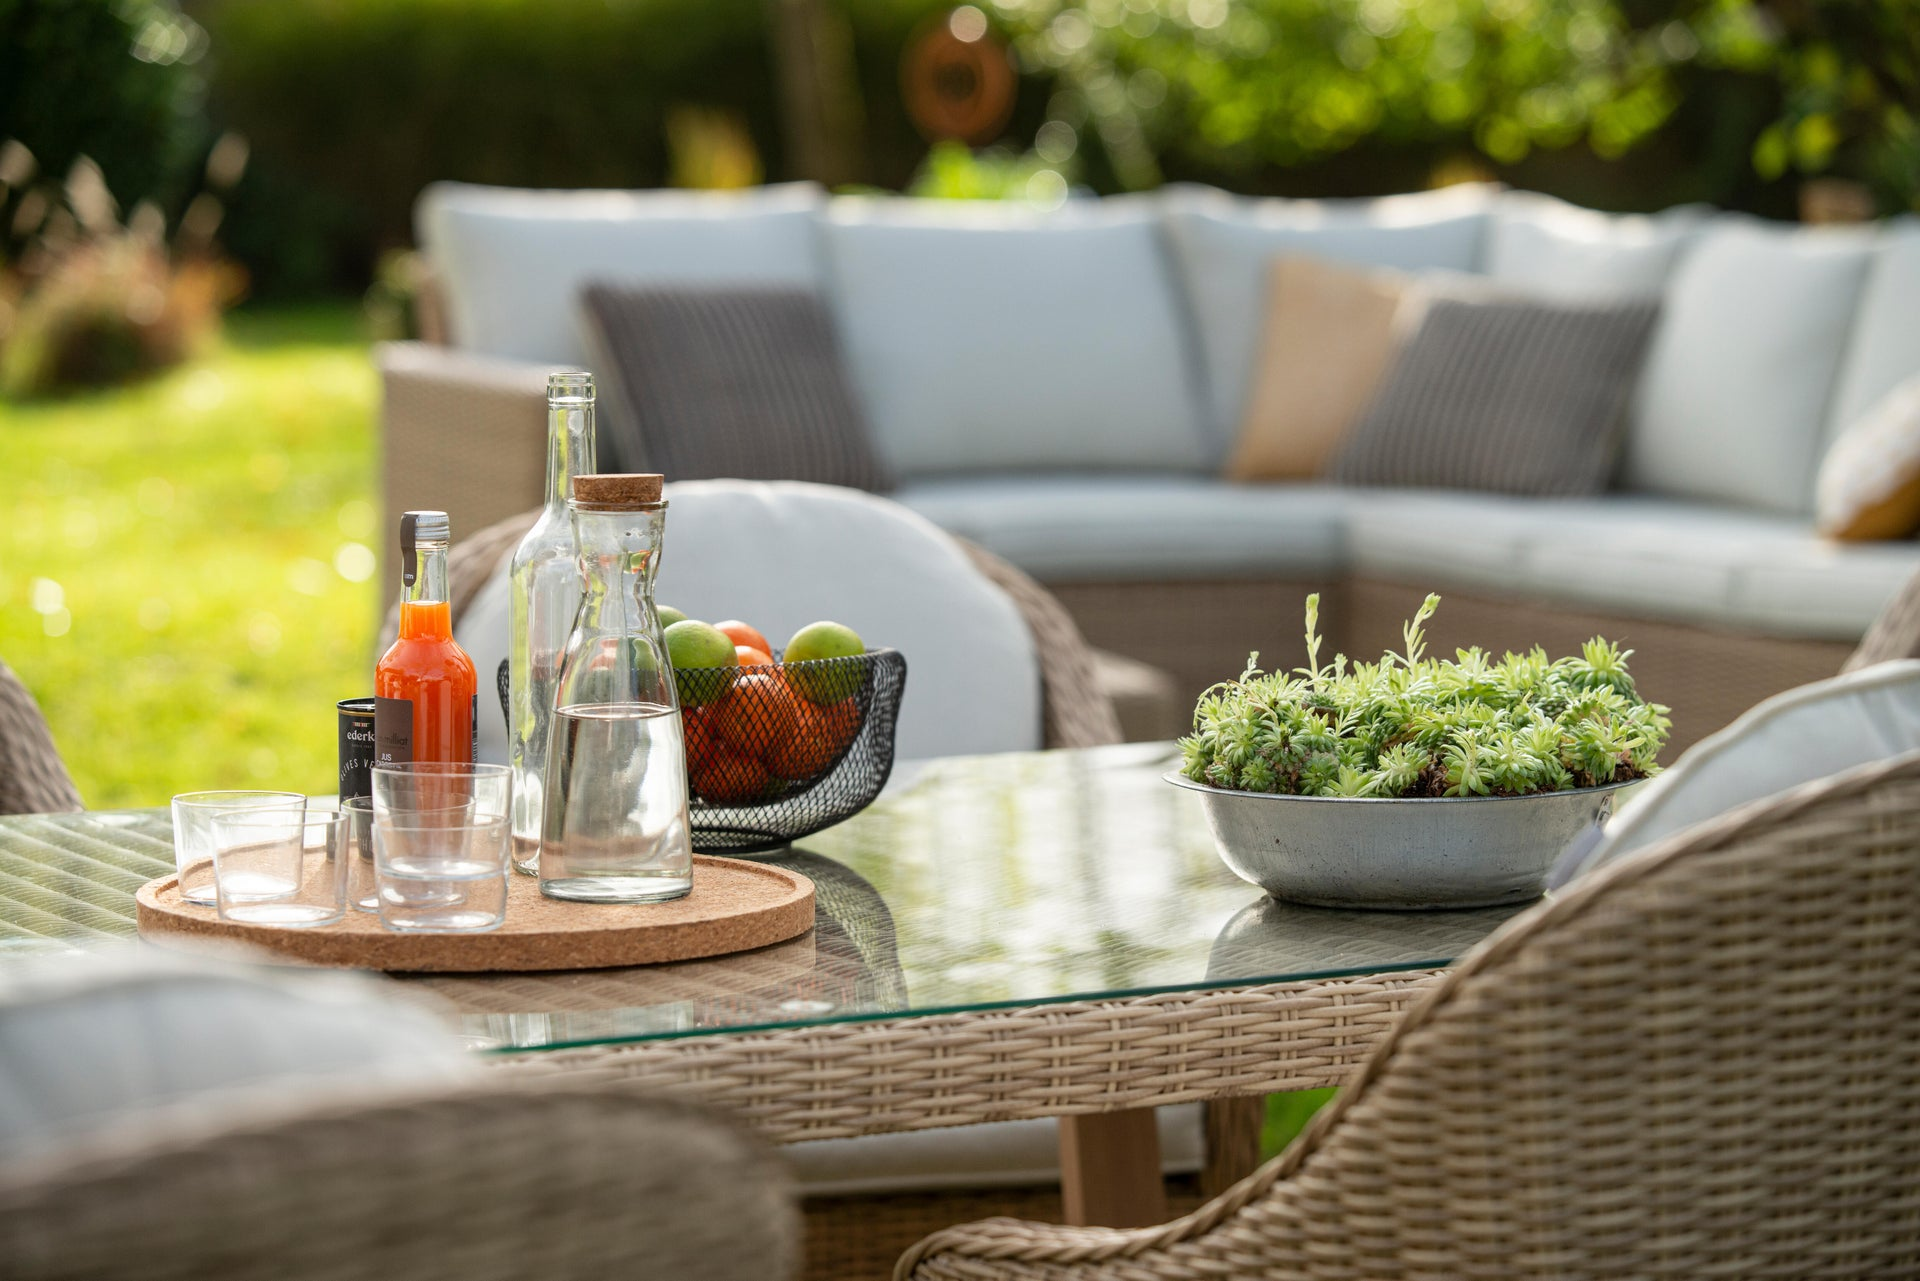 Poltrona da giardino con cuscino in alluminio Medena NATERIAL colore naturale - 2